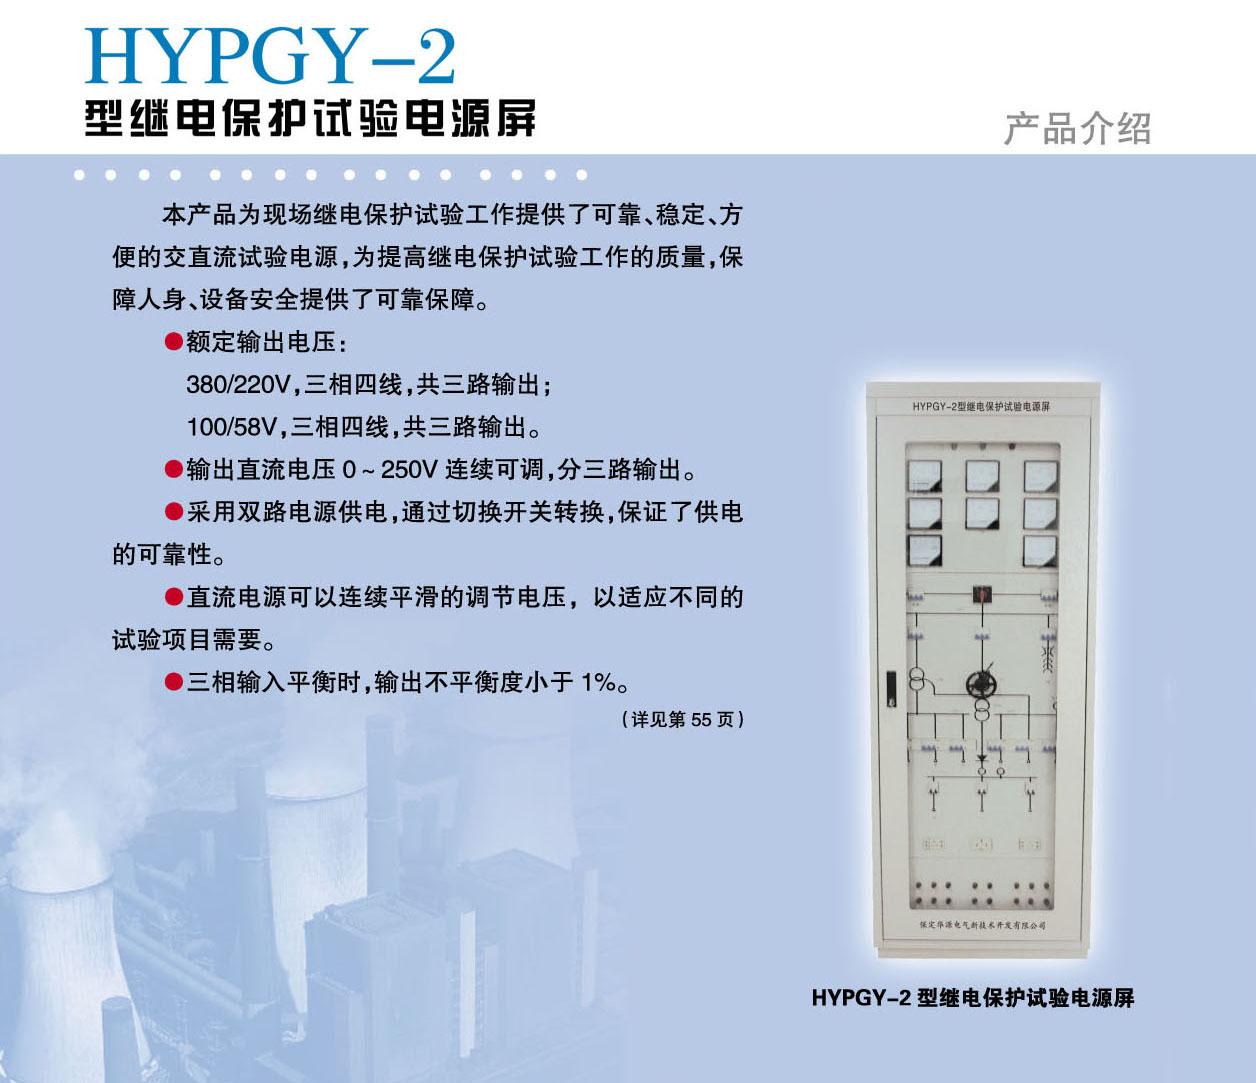 HYPGY系列继电保护试验电源屏